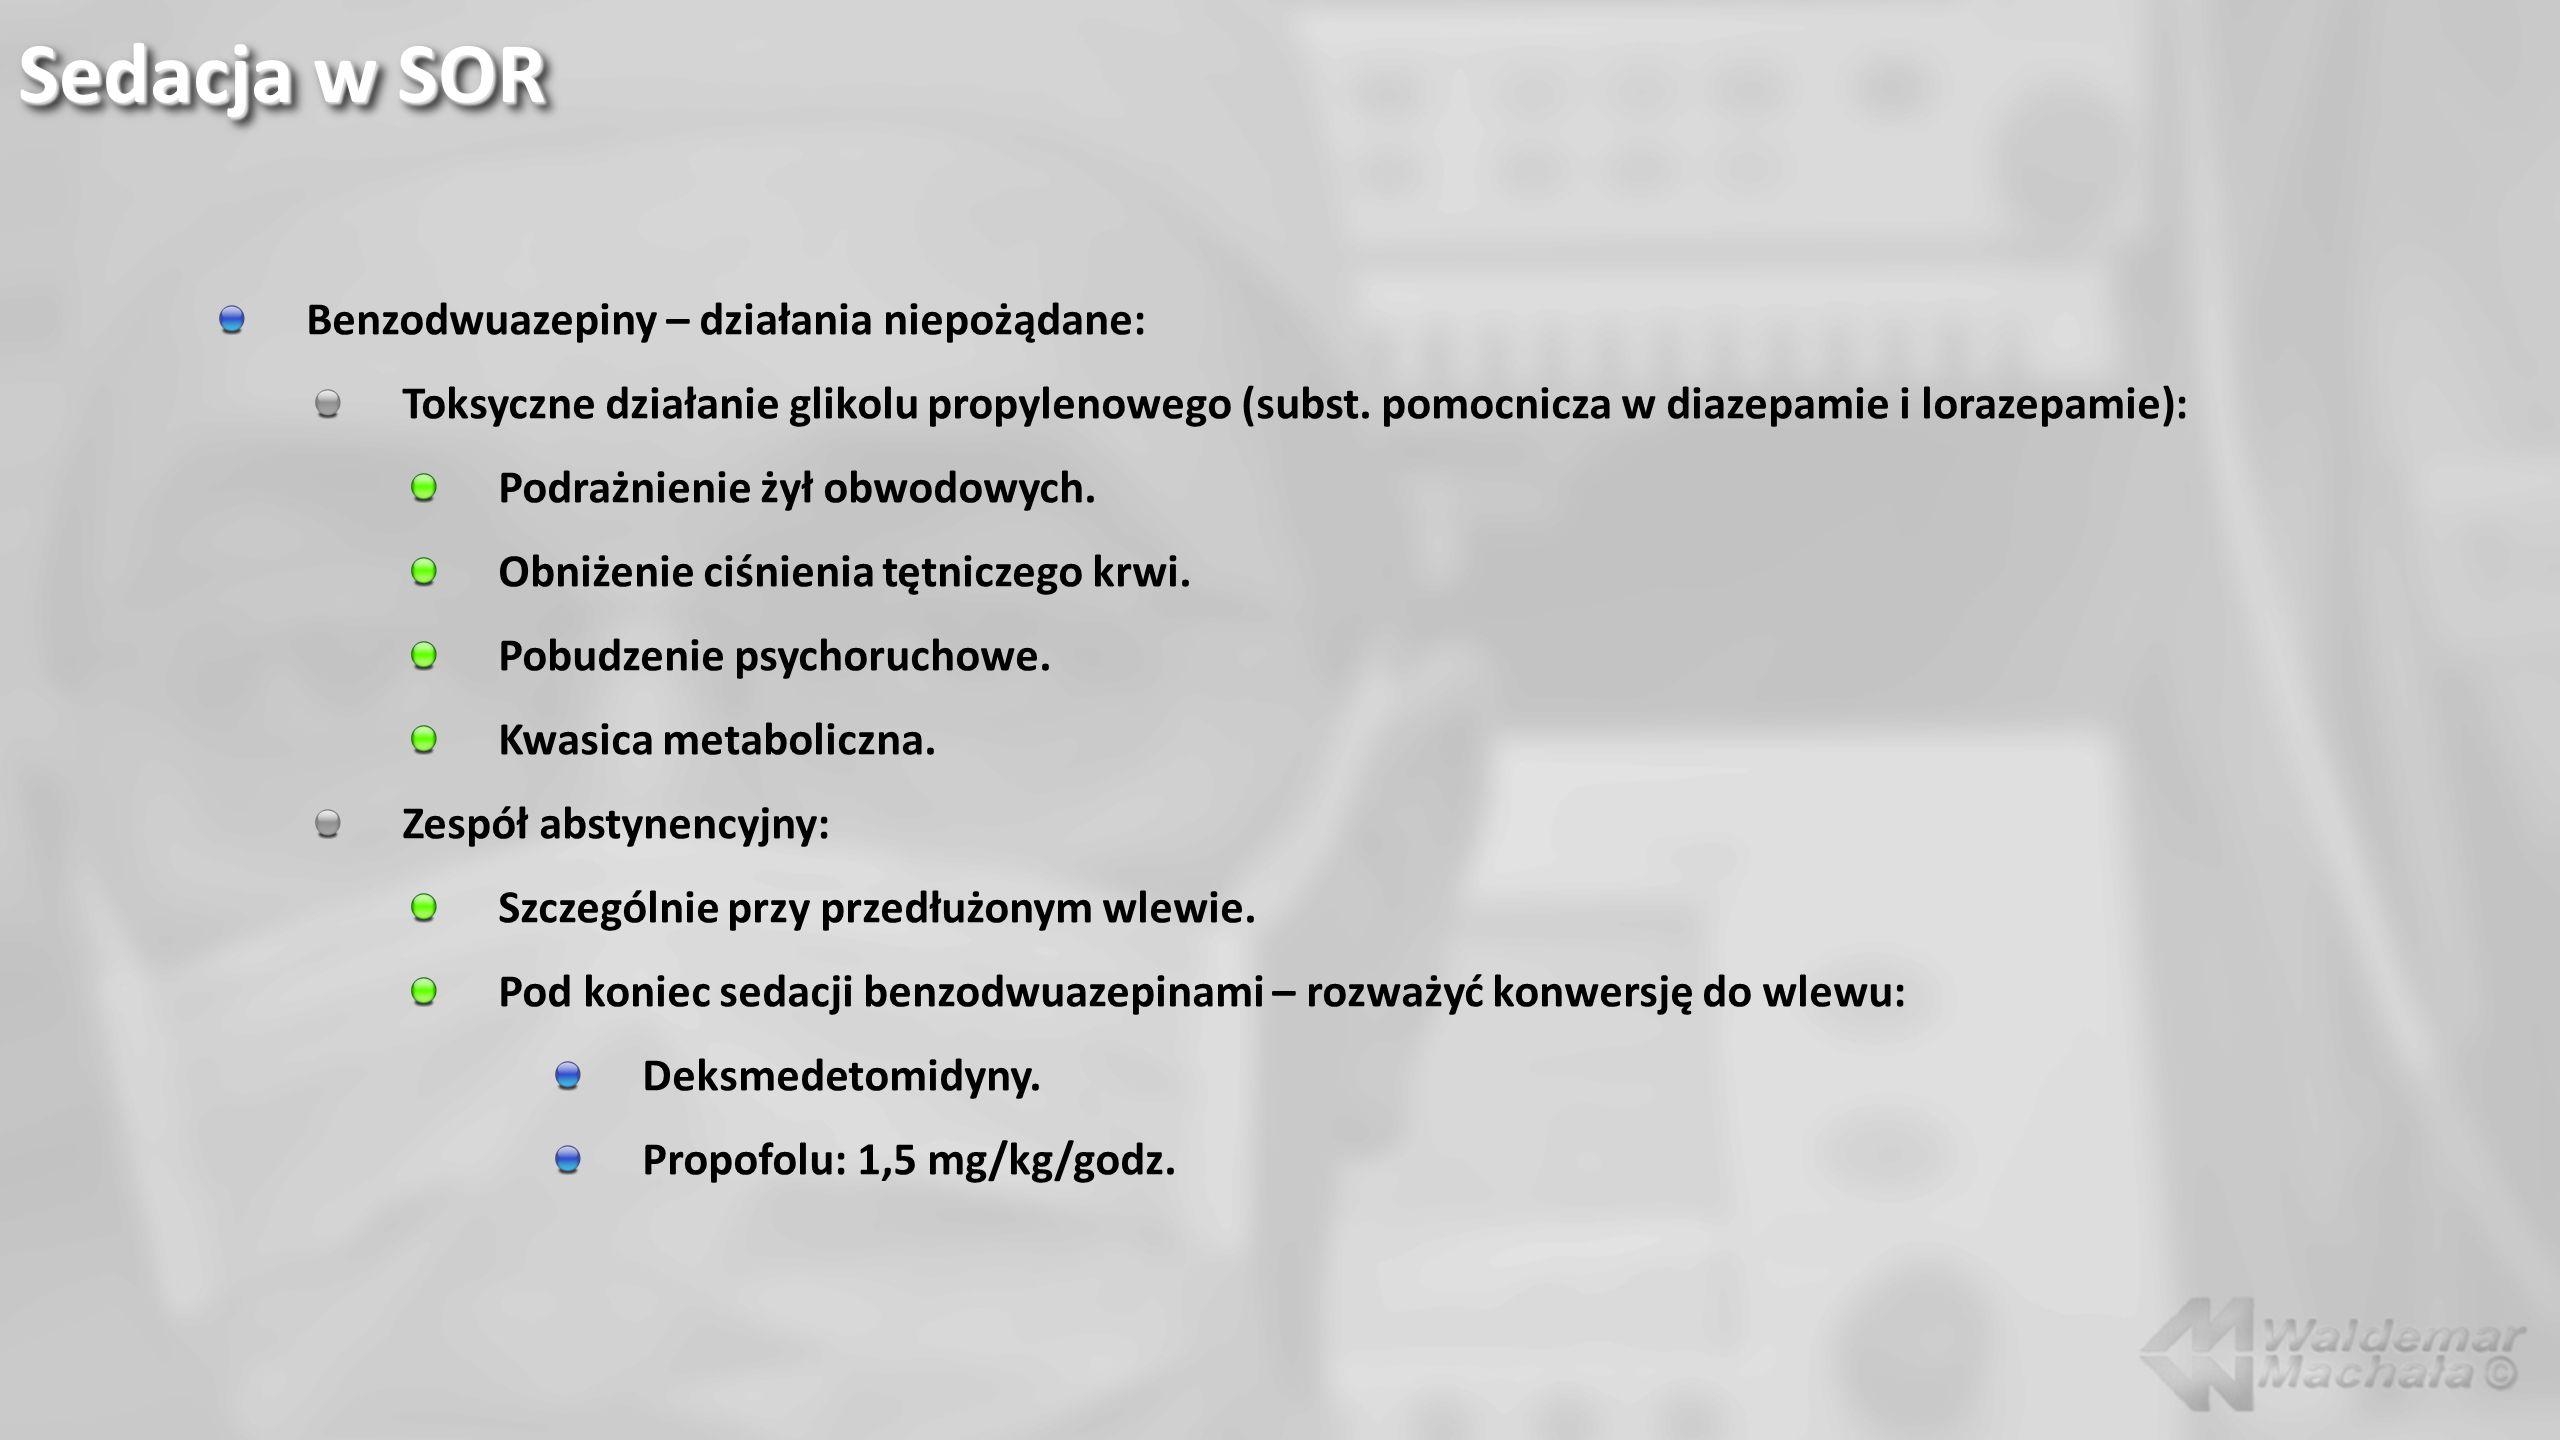 Sedacja w SOR Benzodwuazepiny – działania niepożądane: